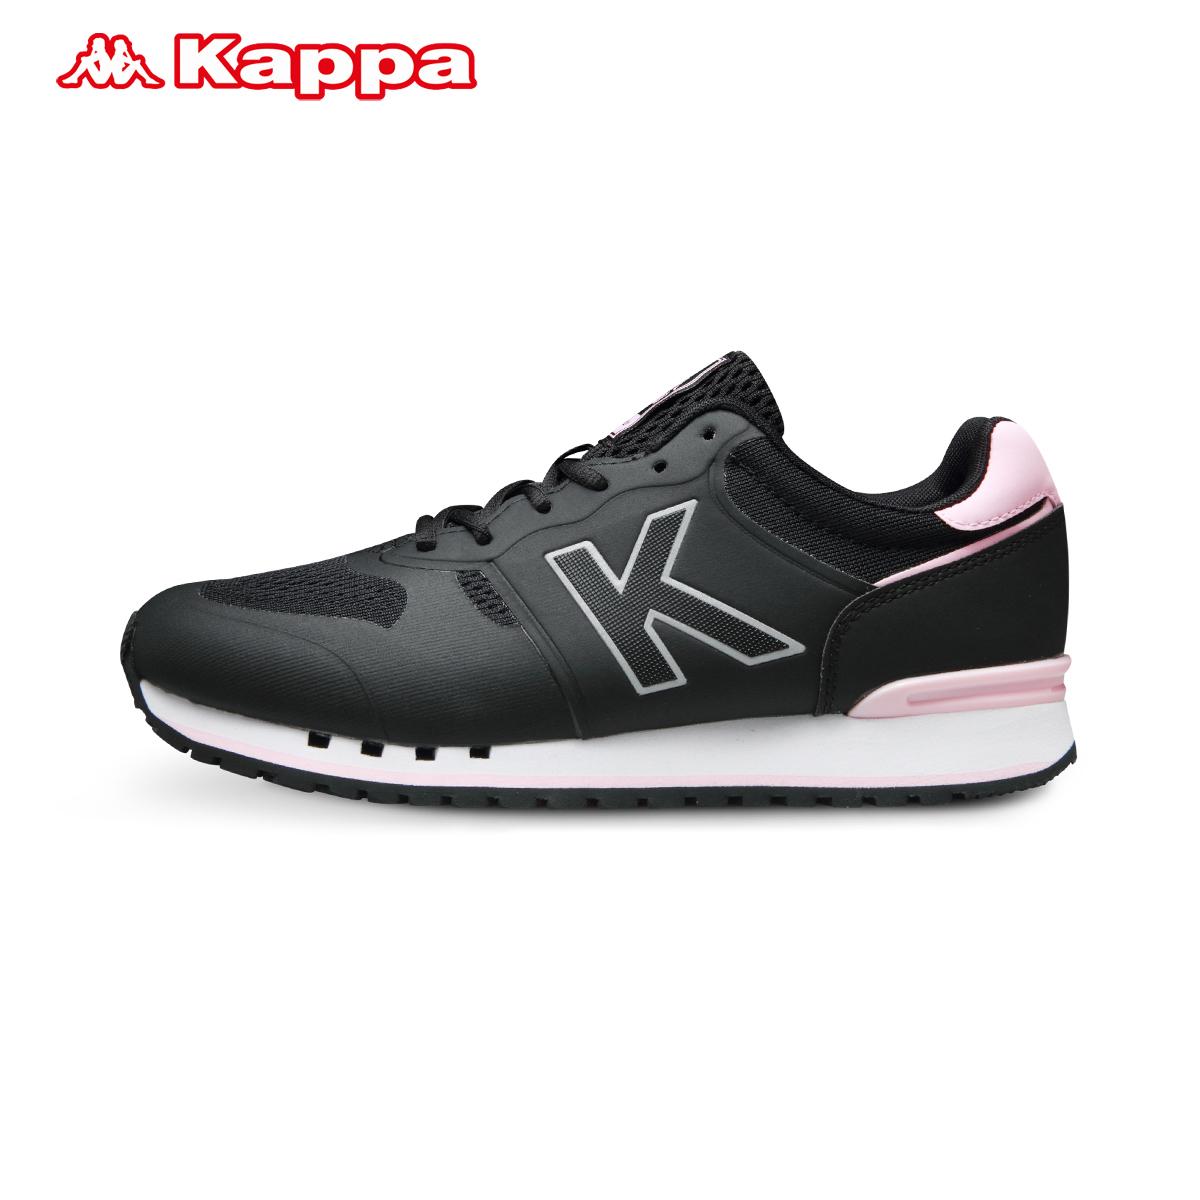 背靠背Kappa卡帕 女款运动鞋透气休闲鞋 女子复古透气K0725MM55D